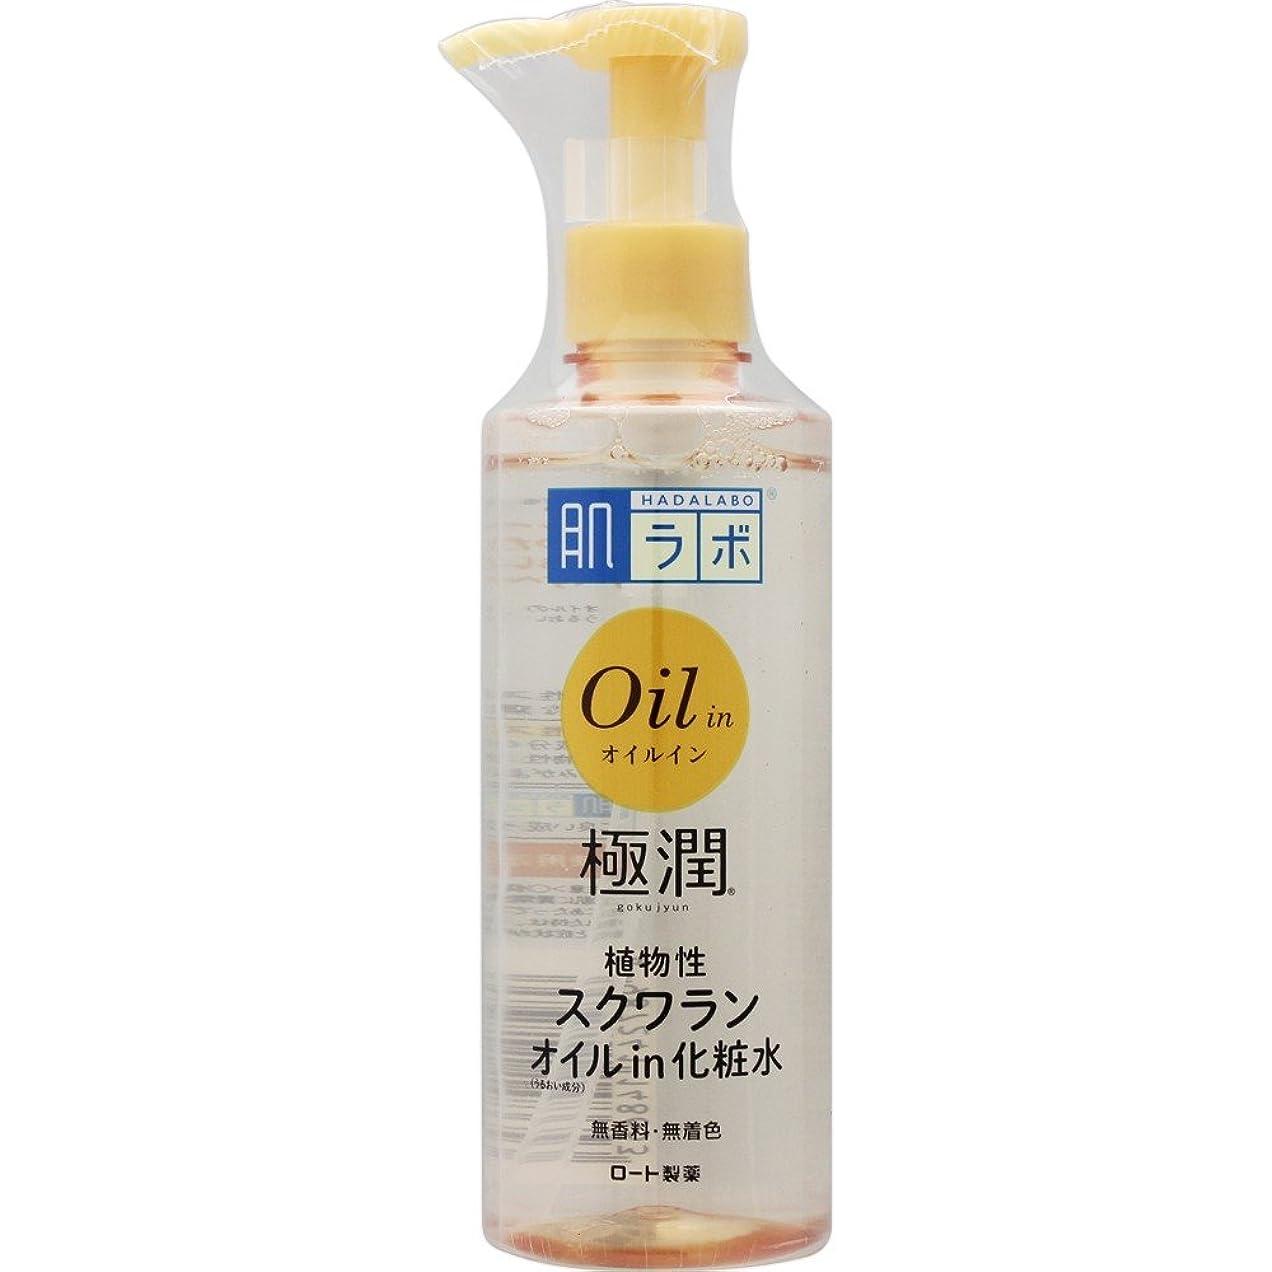 ゴネリルヒープ無能肌ラボ 極潤オイルイン化粧水 植物性スクワランオイル配合 220ml